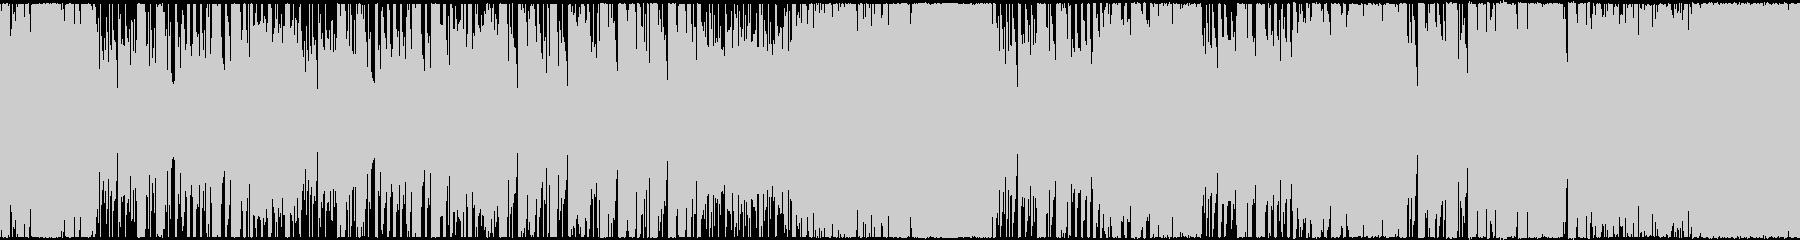 ハロウィン・ホラー・重々しい楽曲の未再生の波形